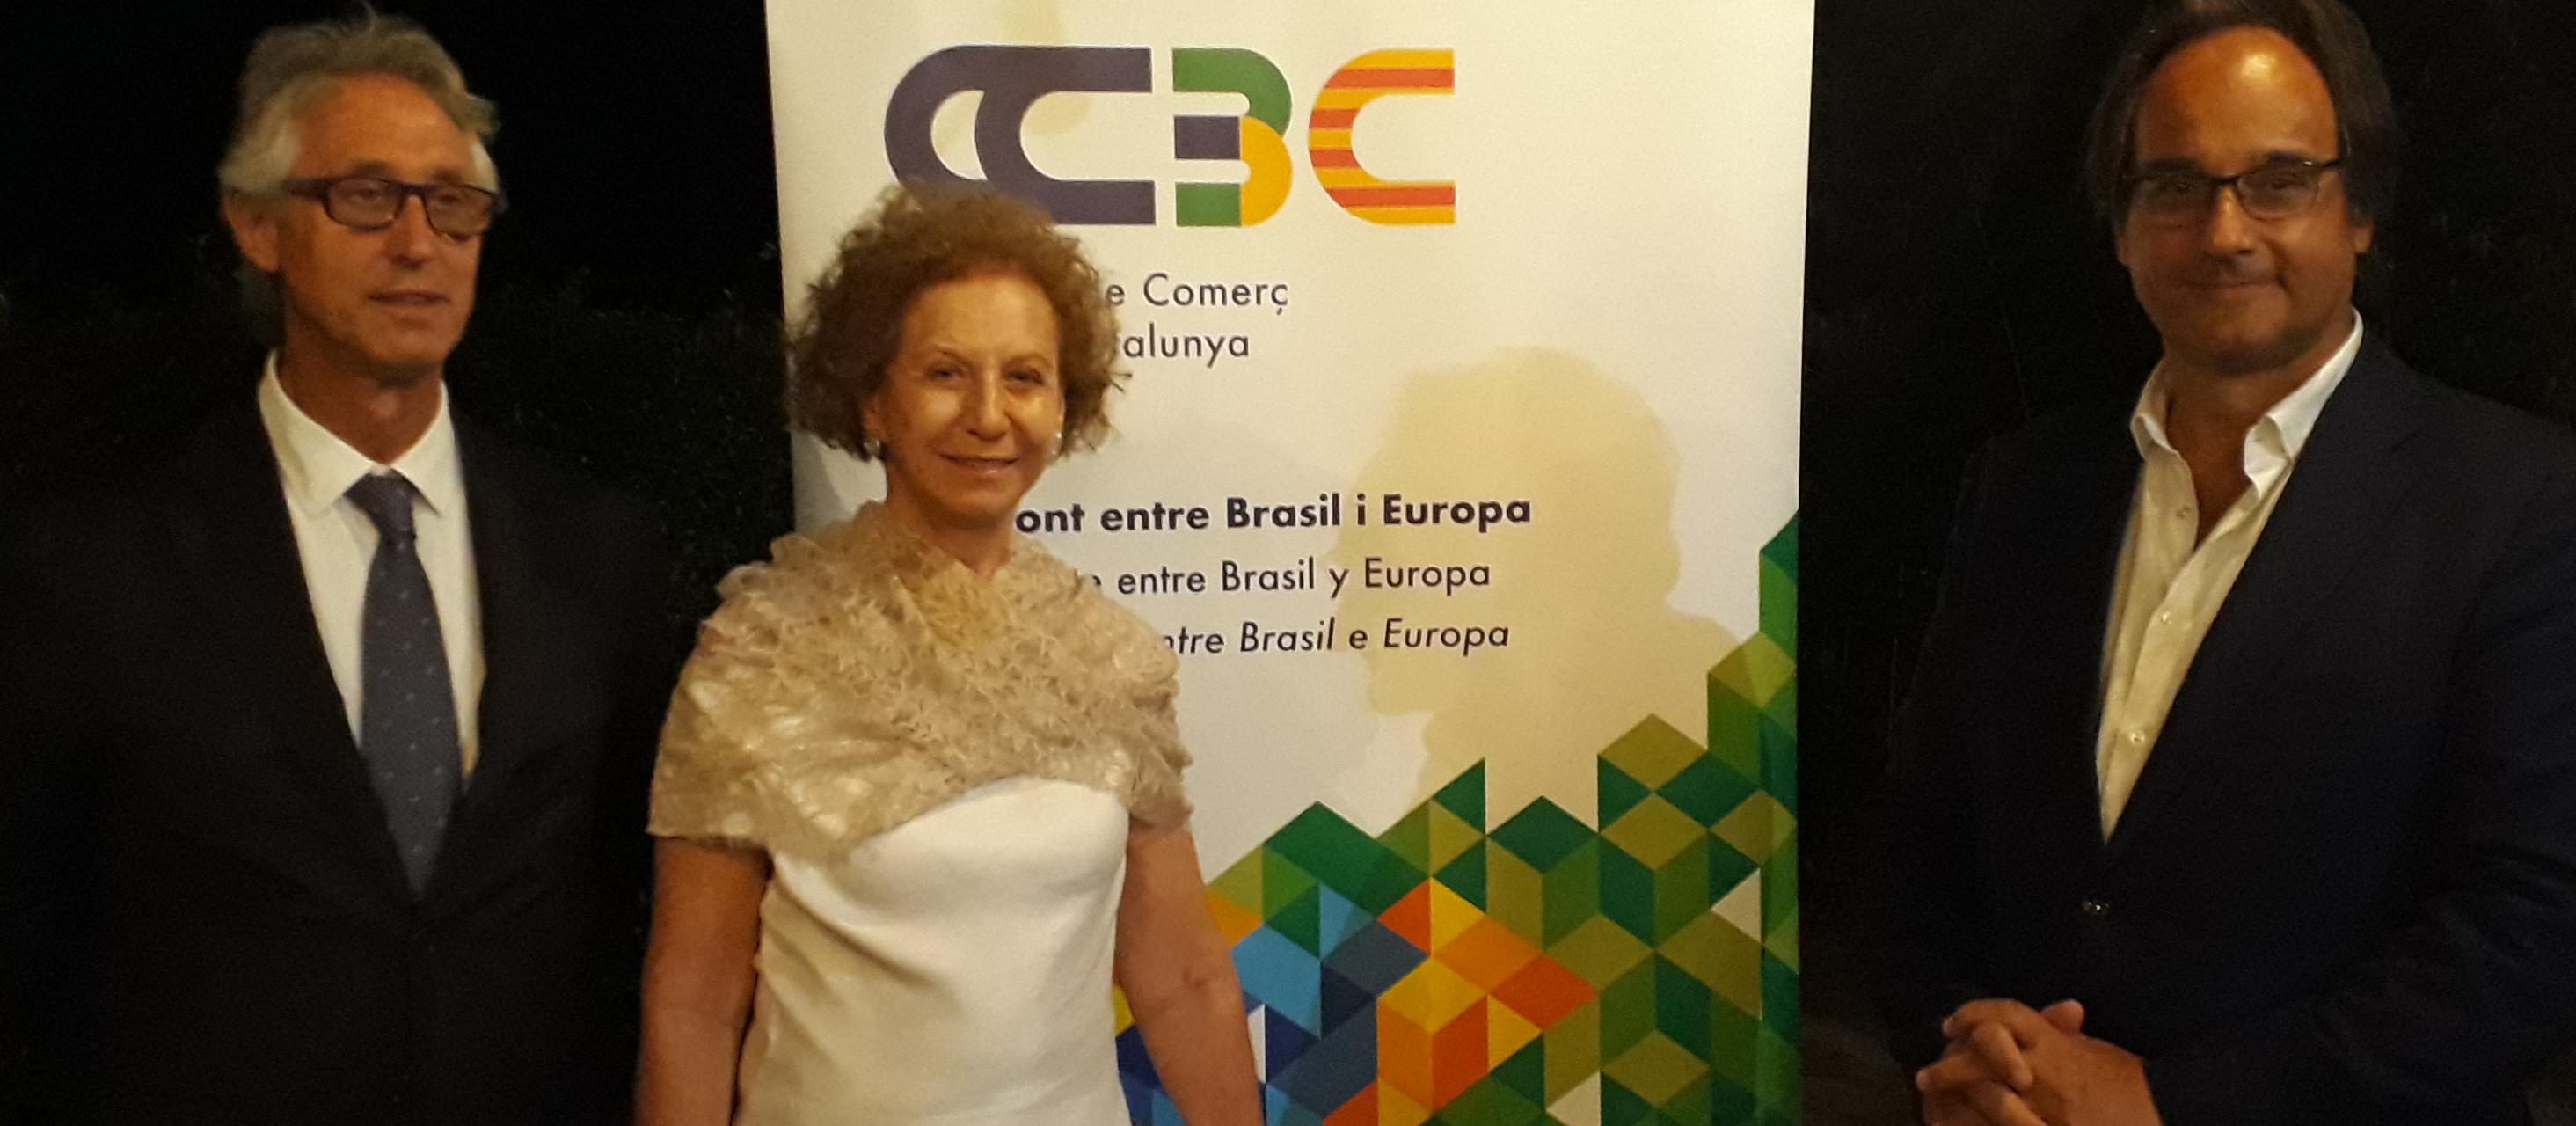 CCBC celebra seu tradicional jantar de verão no magnífico Hotel Arrey de Alella